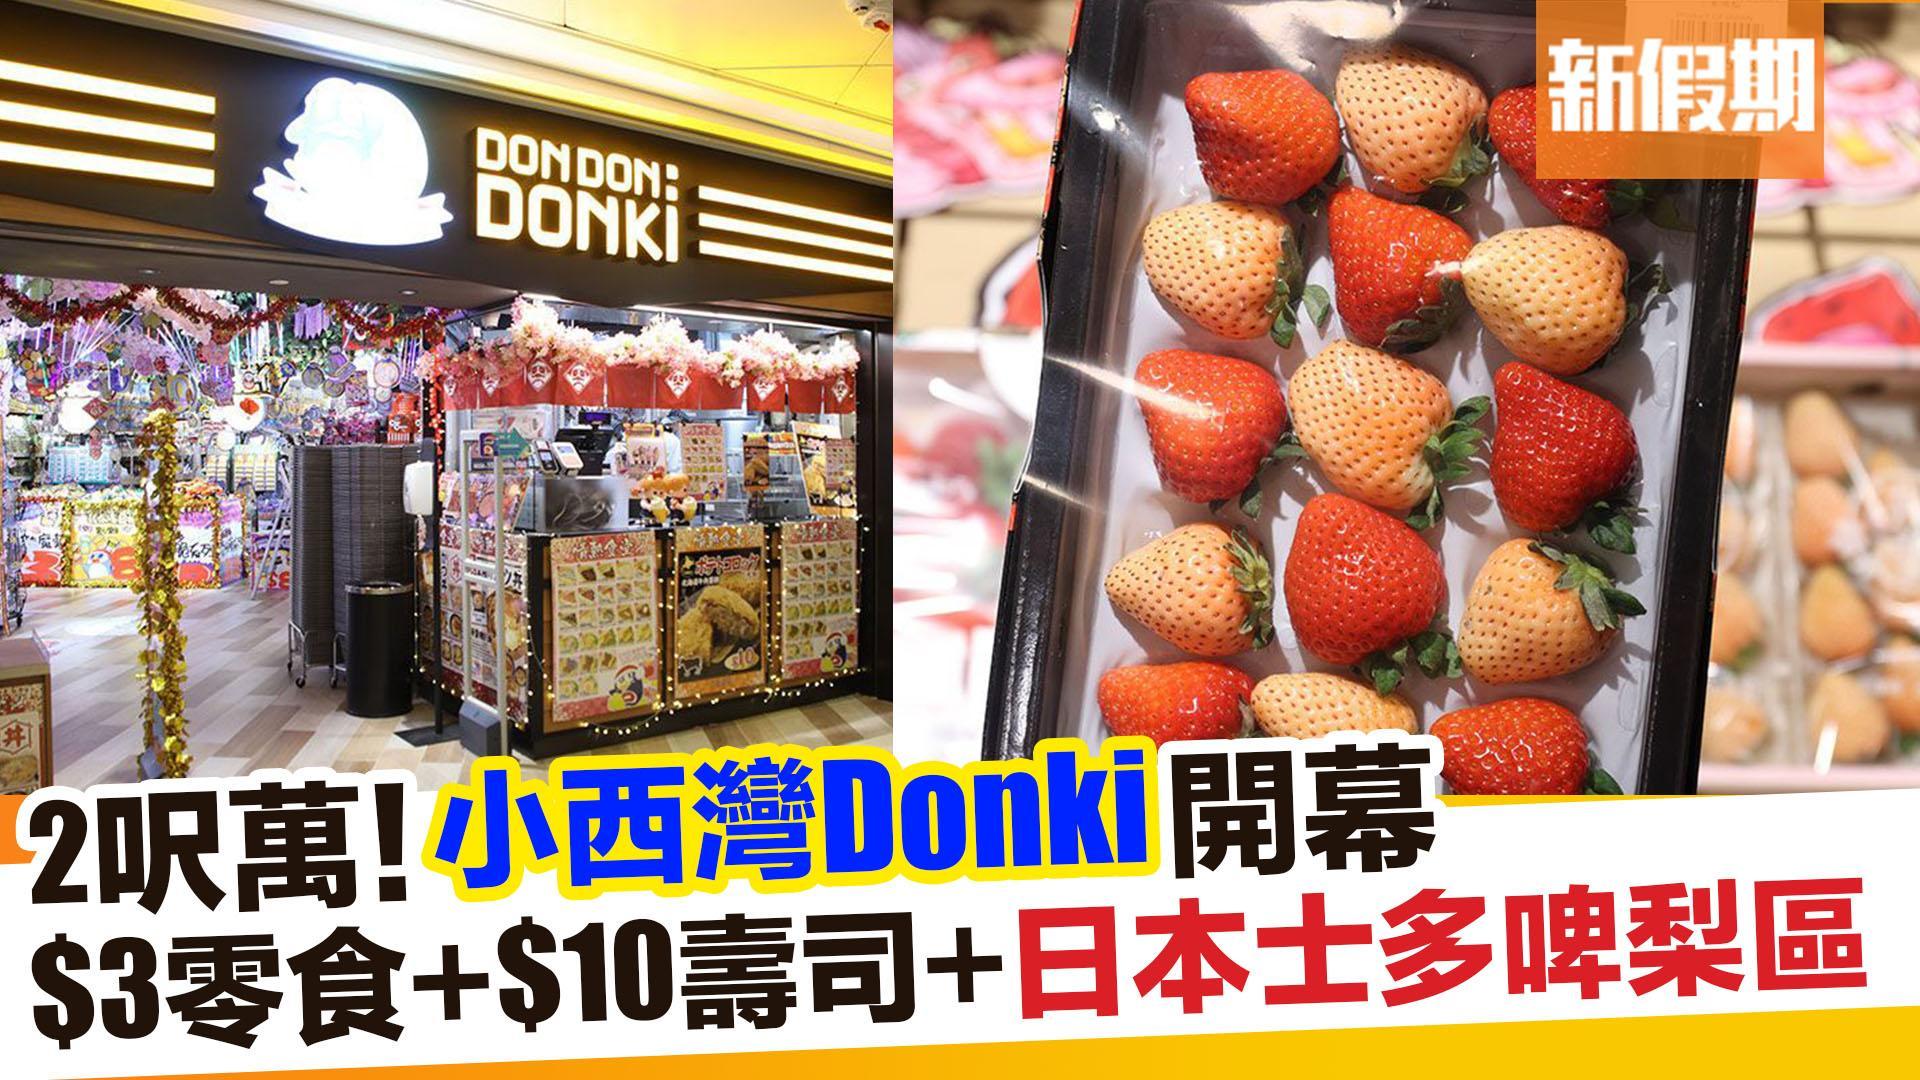 【敗家雜貨場】Donki小西灣店開幕! 新假期